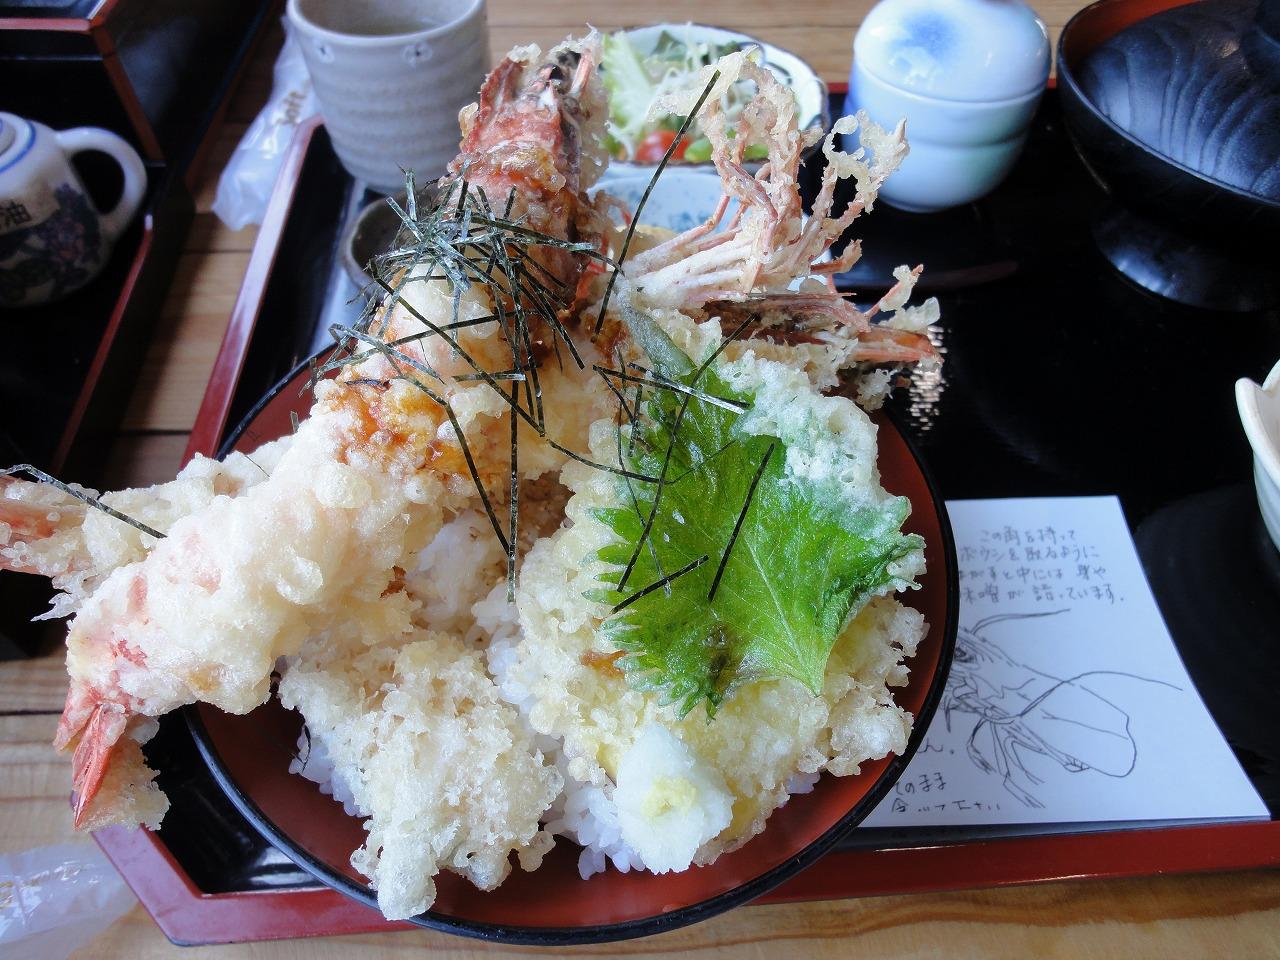 うどんだけじゃない!瀬戸の都「高松市」のグルメなランチおすすめランキング